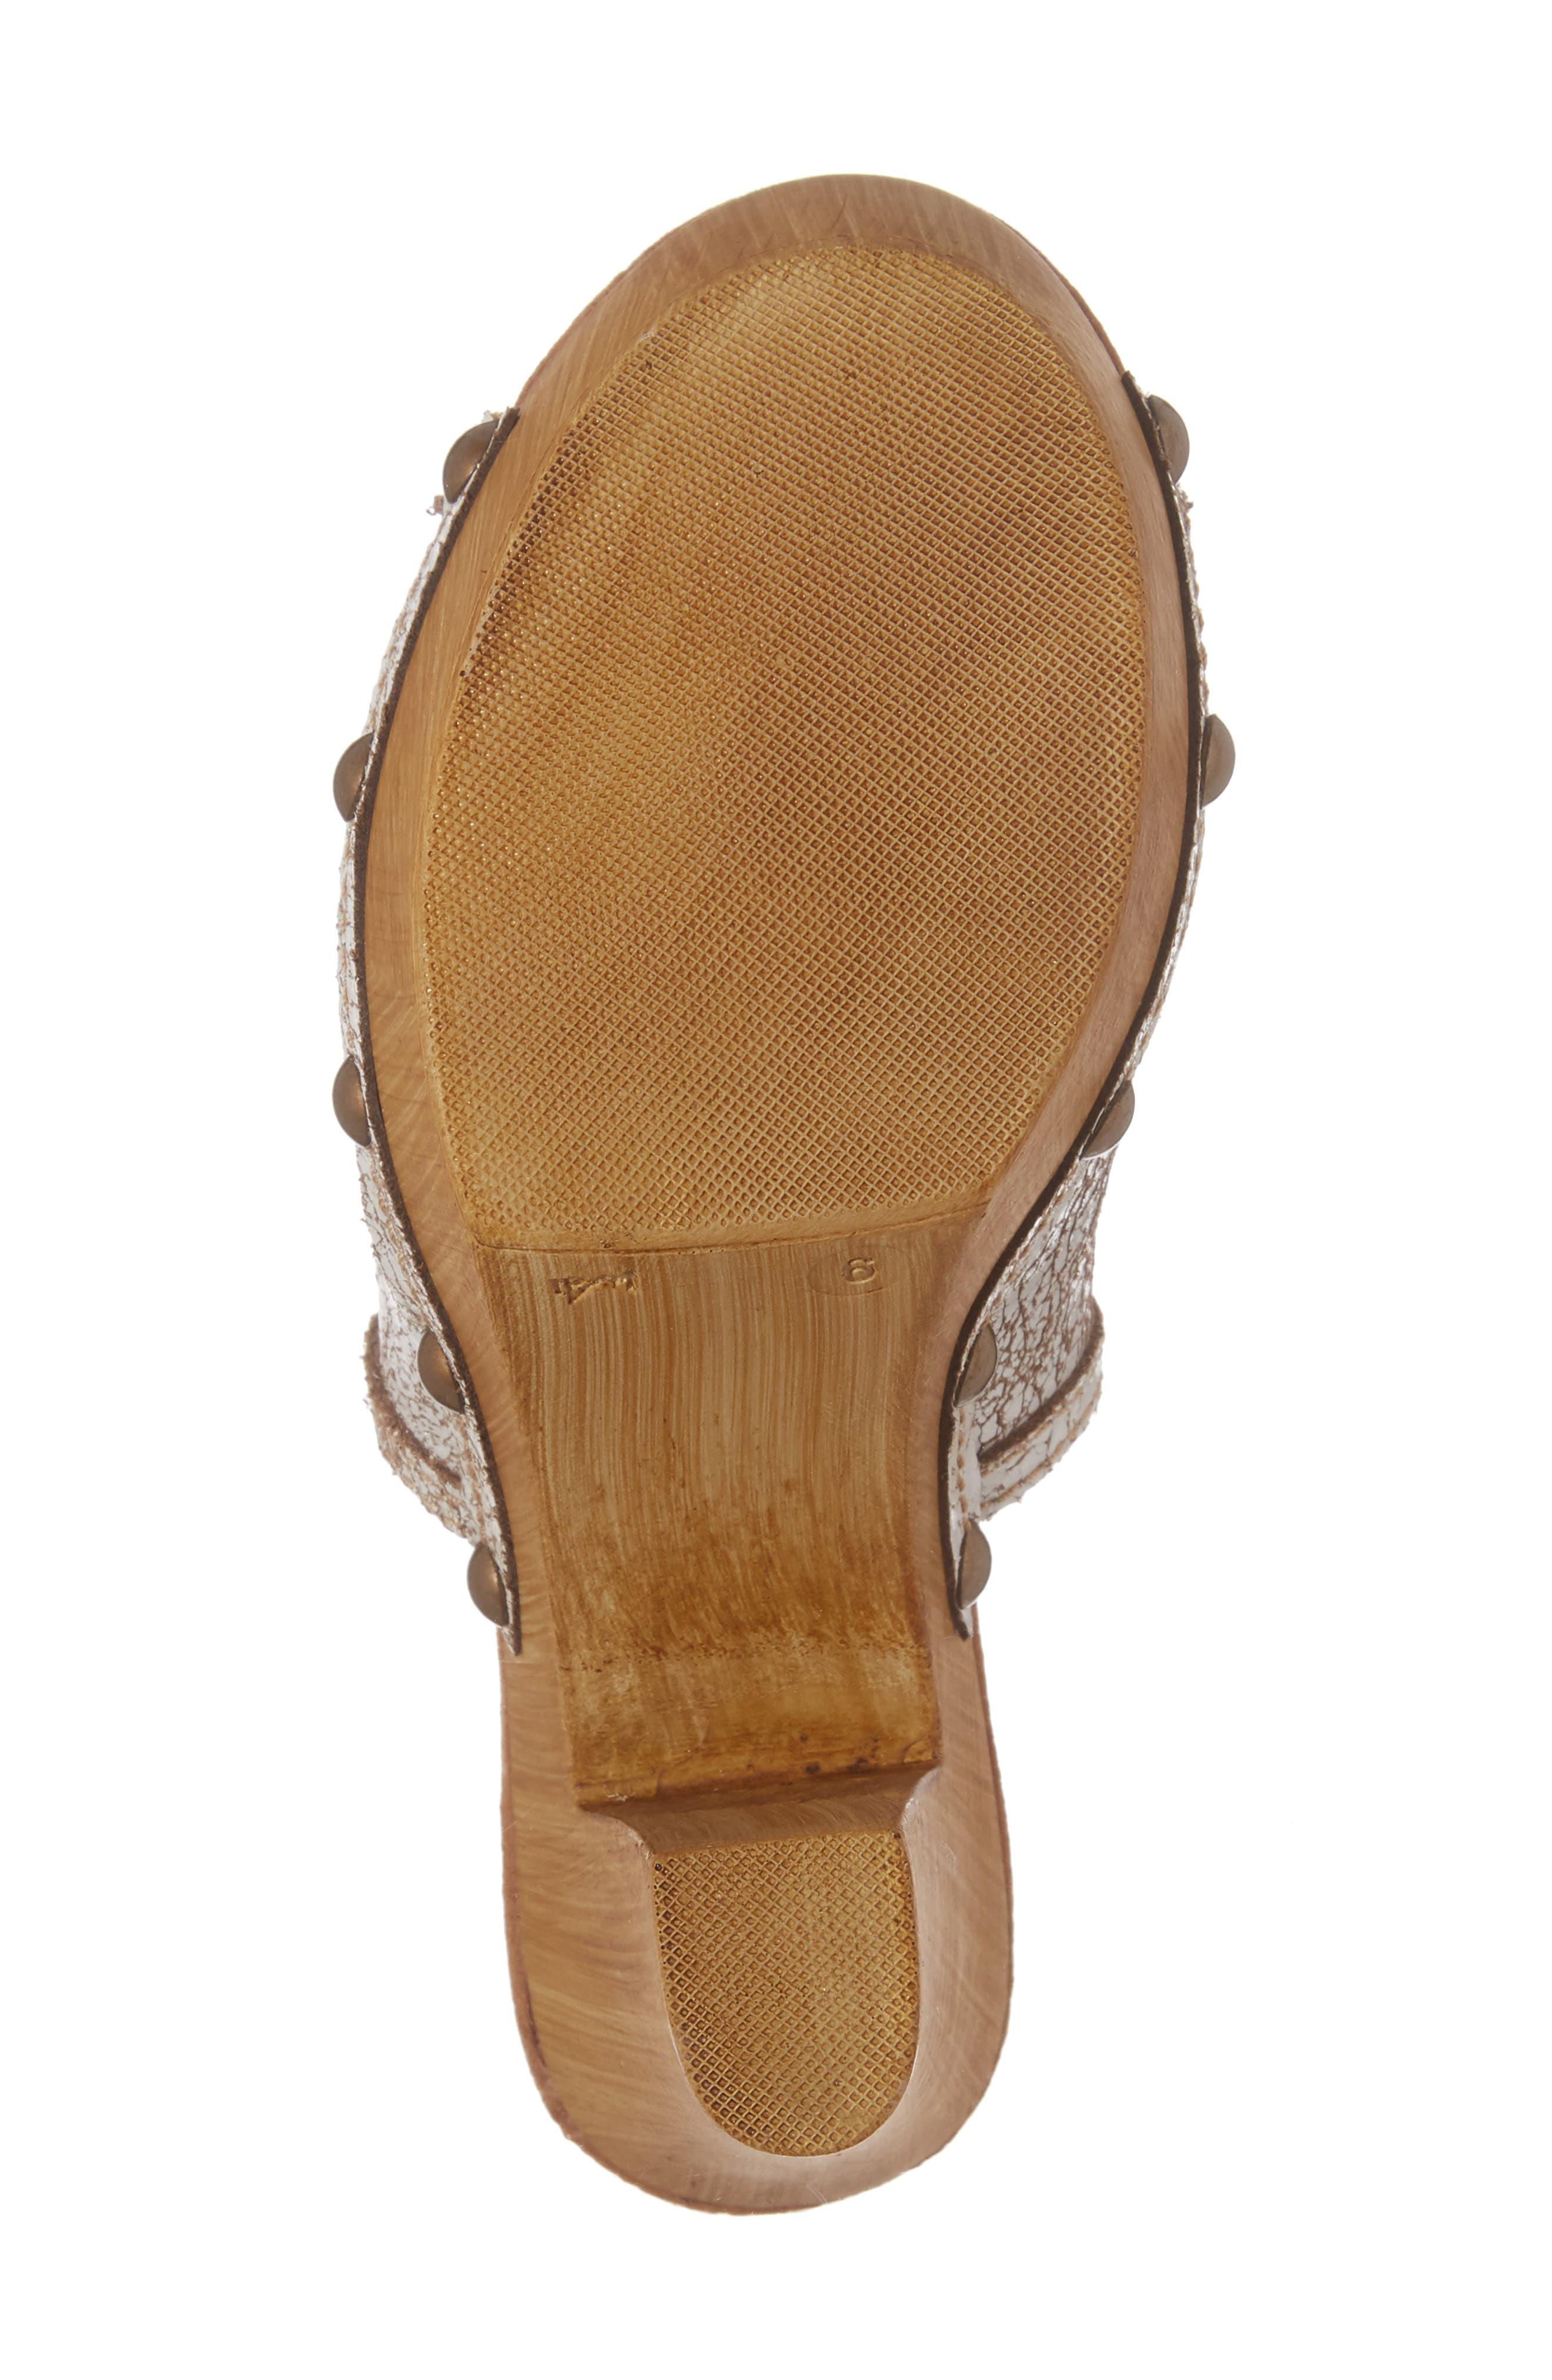 Kinga Platform Sandal,                             Alternate thumbnail 6, color,                             White Leather